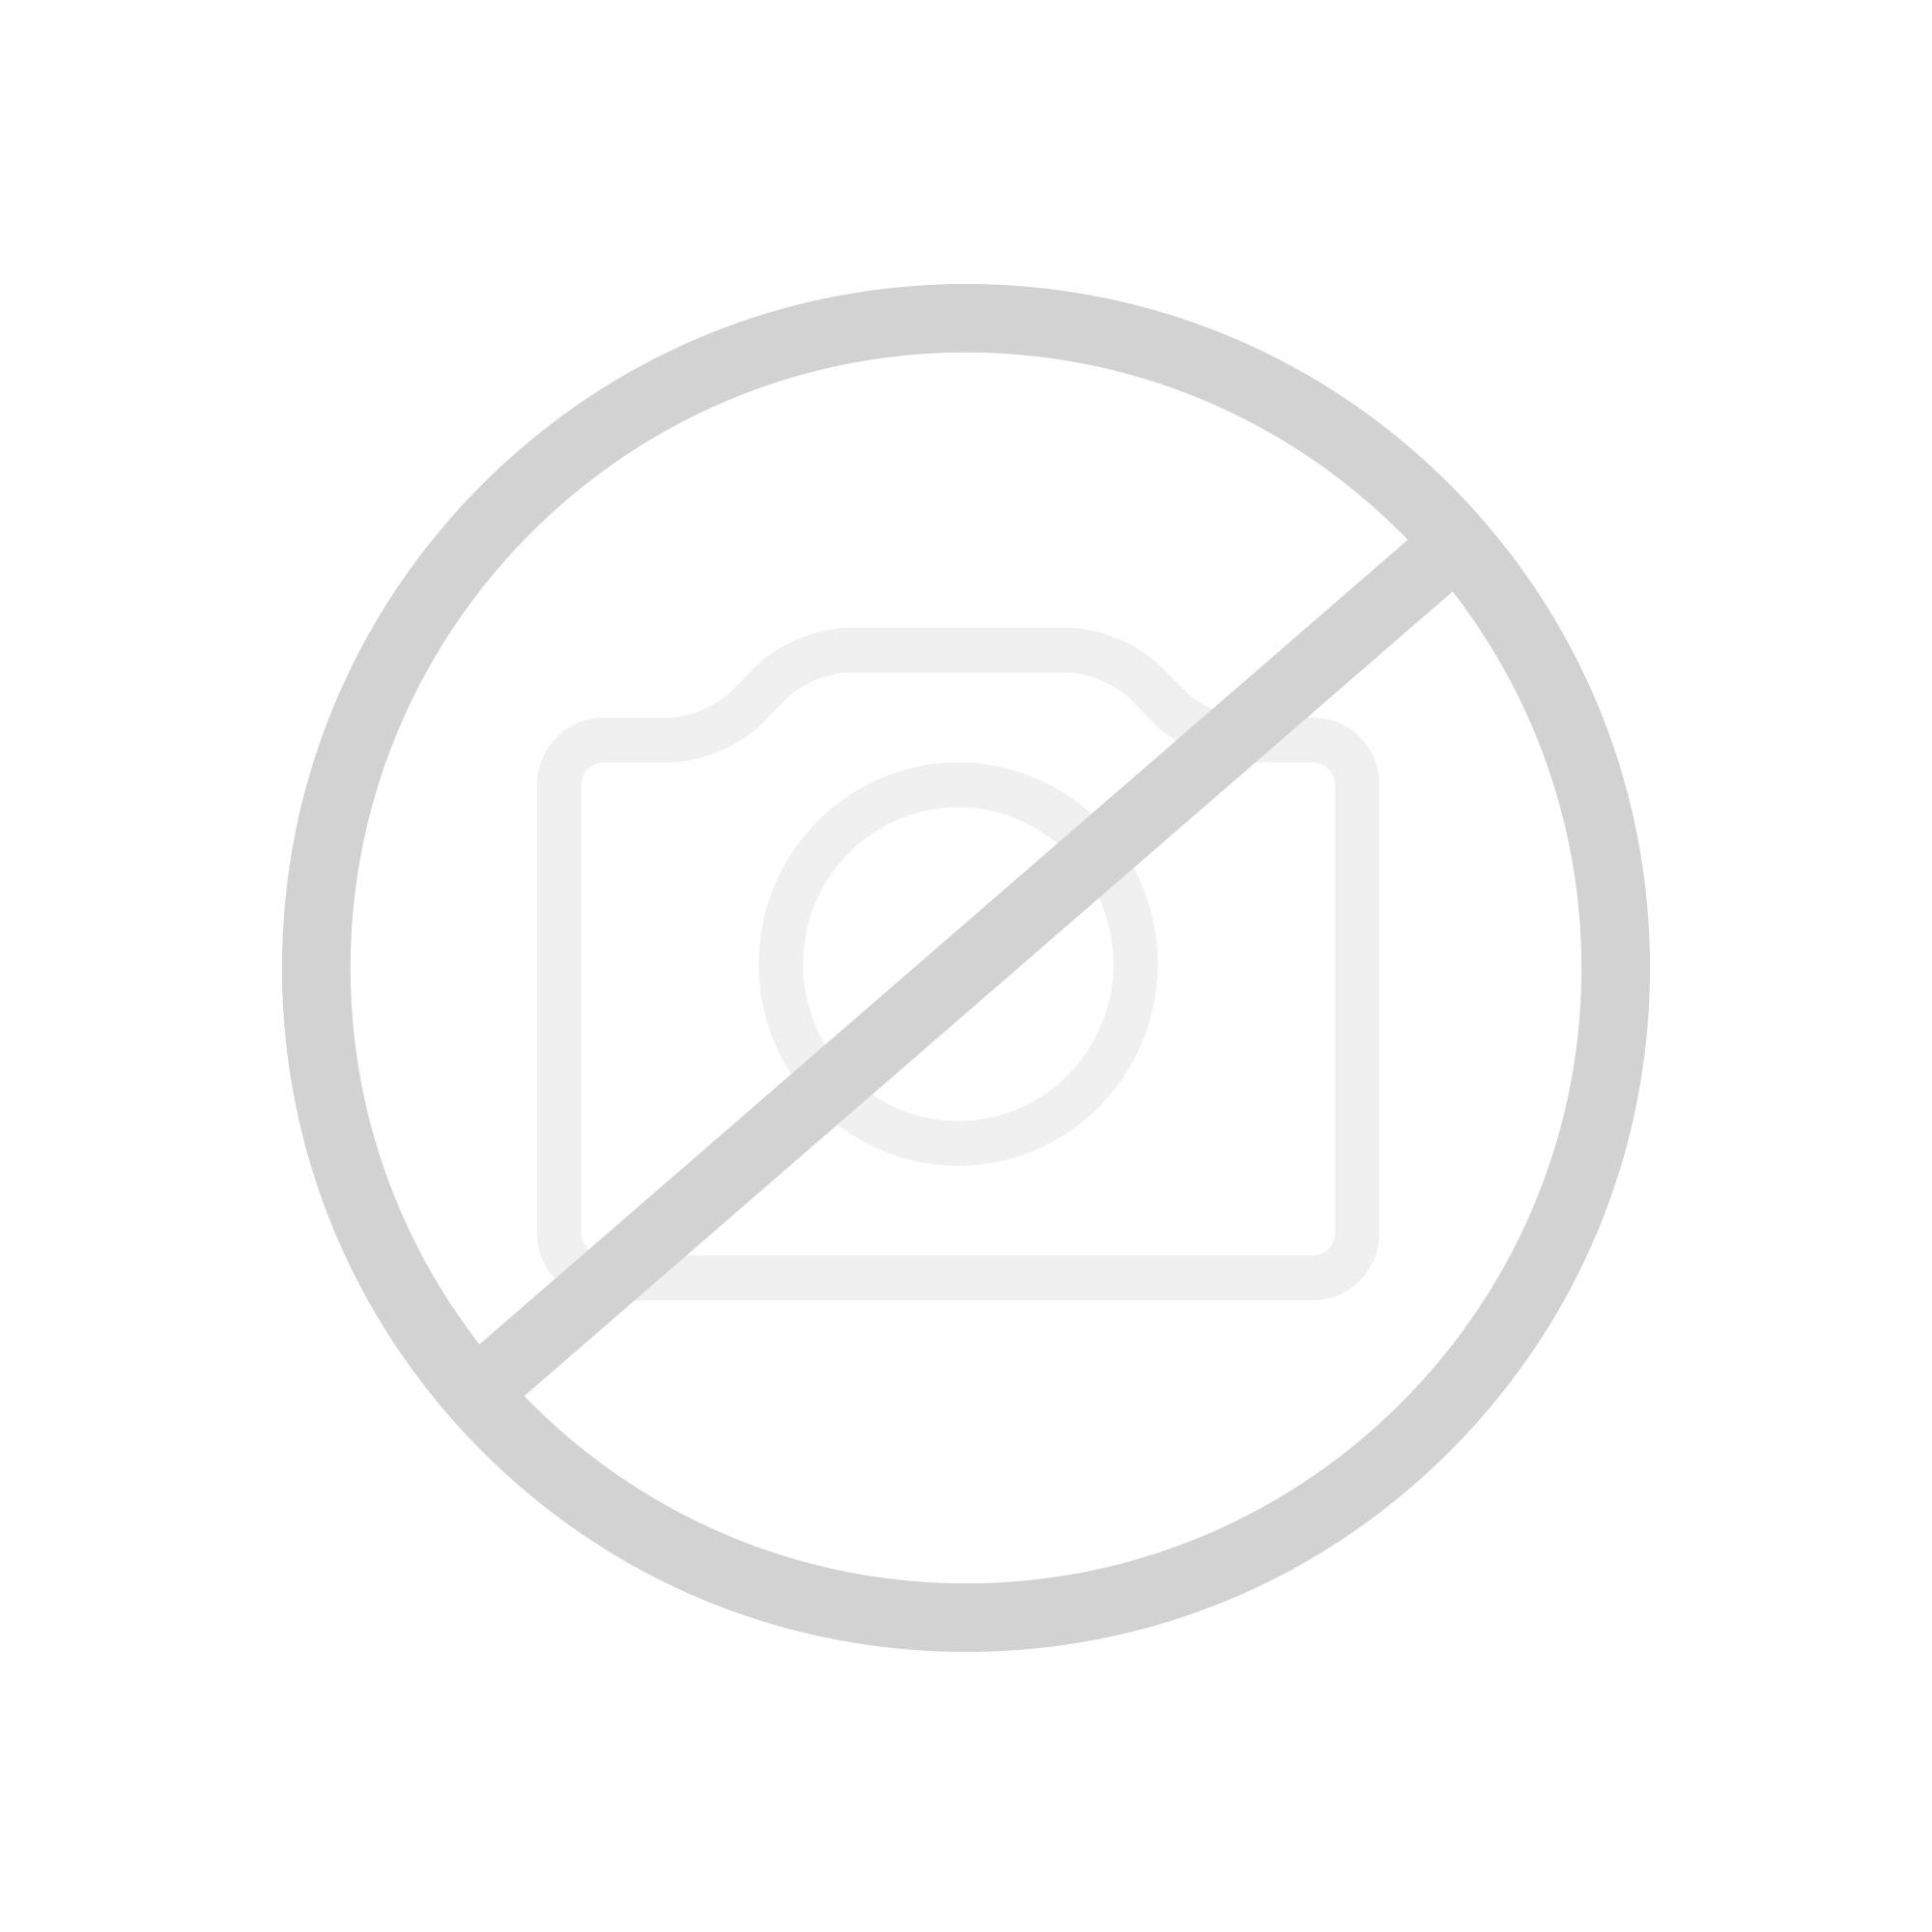 Gästebad Waschtisch Schmal gäste-wc » tolle ideen zur gestaltung der gästetoilette » reuter